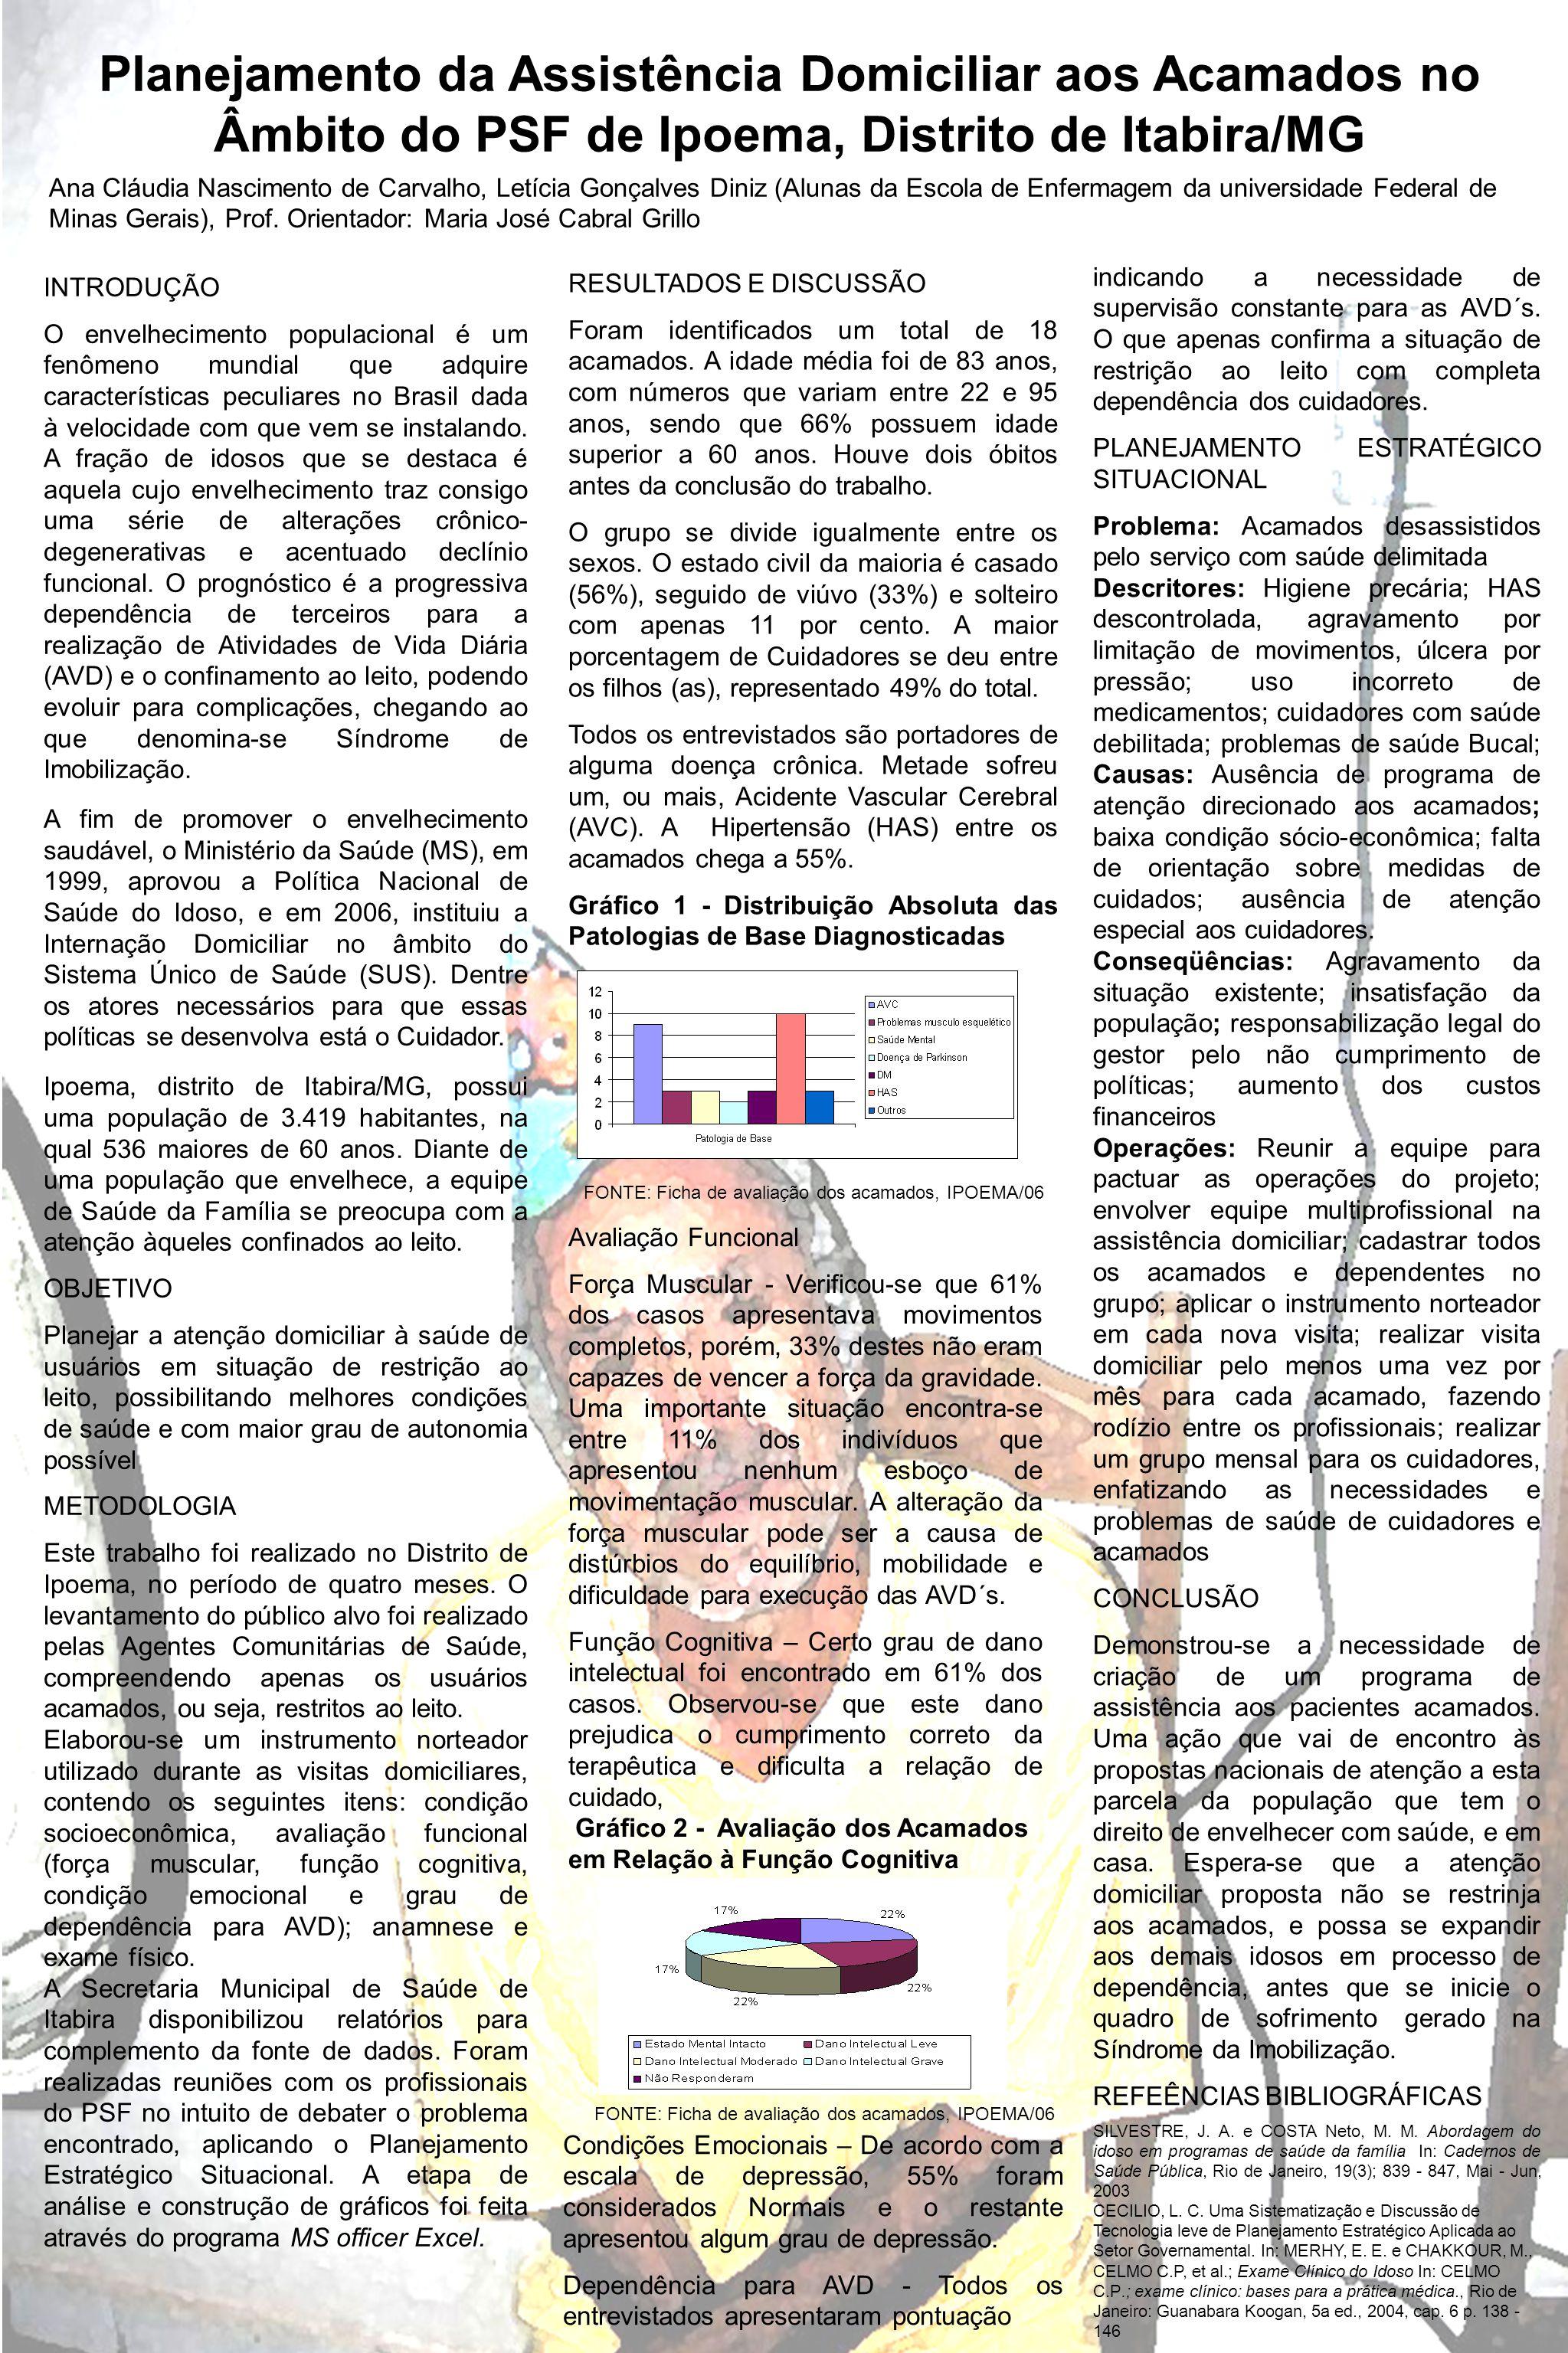 Planejamento da Assistência Domiciliar aos Acamados no Âmbito do PSF de Ipoema, Distrito de Itabira/MG INTRODUÇÃO O envelhecimento populacional é um f